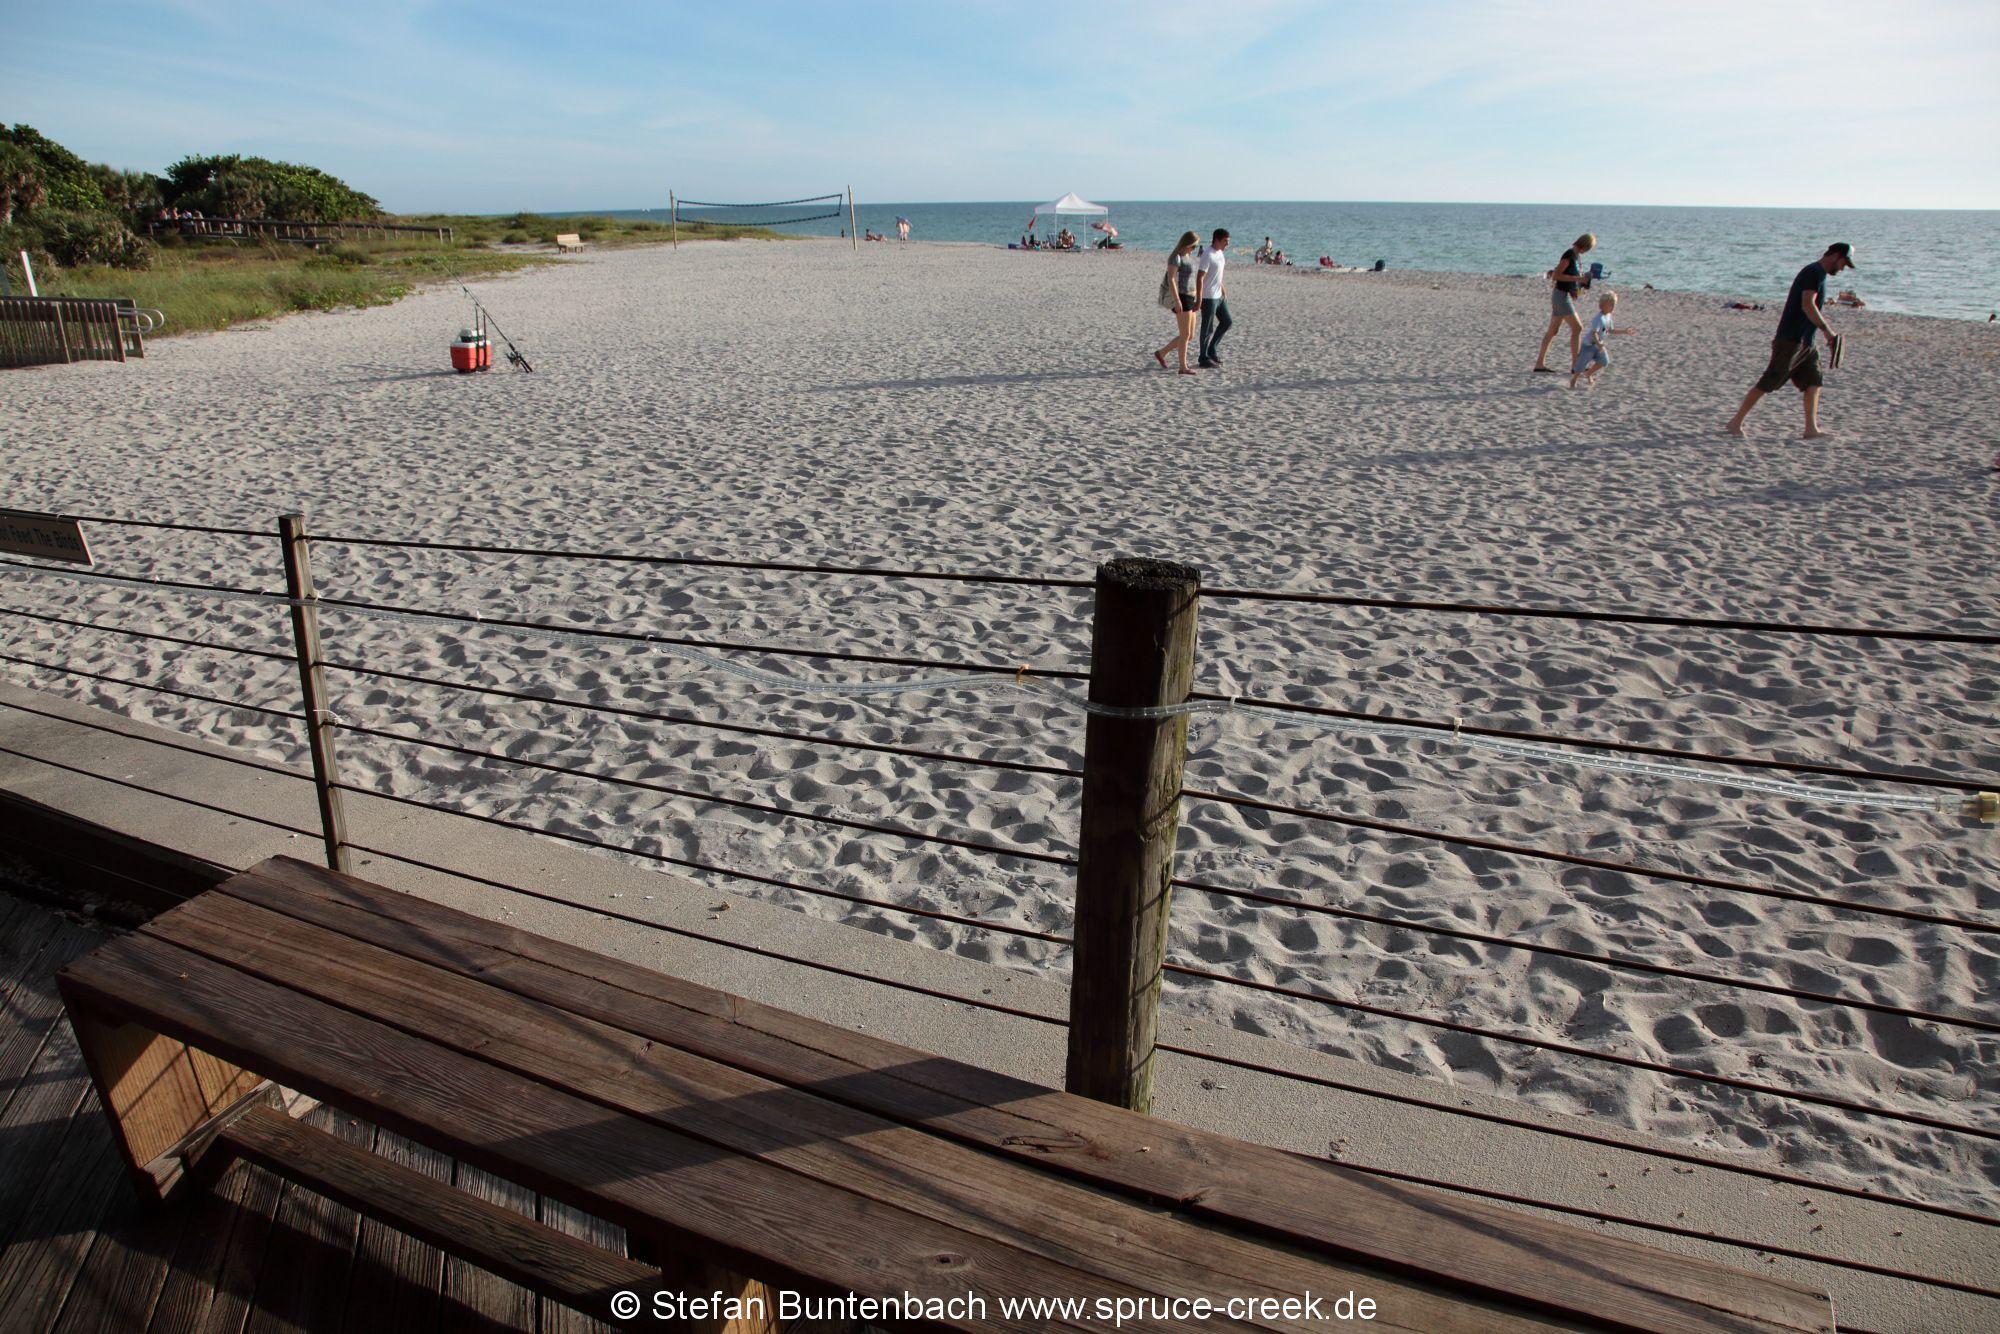 Blick von der Pier auf den Strand in Venice, Florida, am Golf von Mexiko.